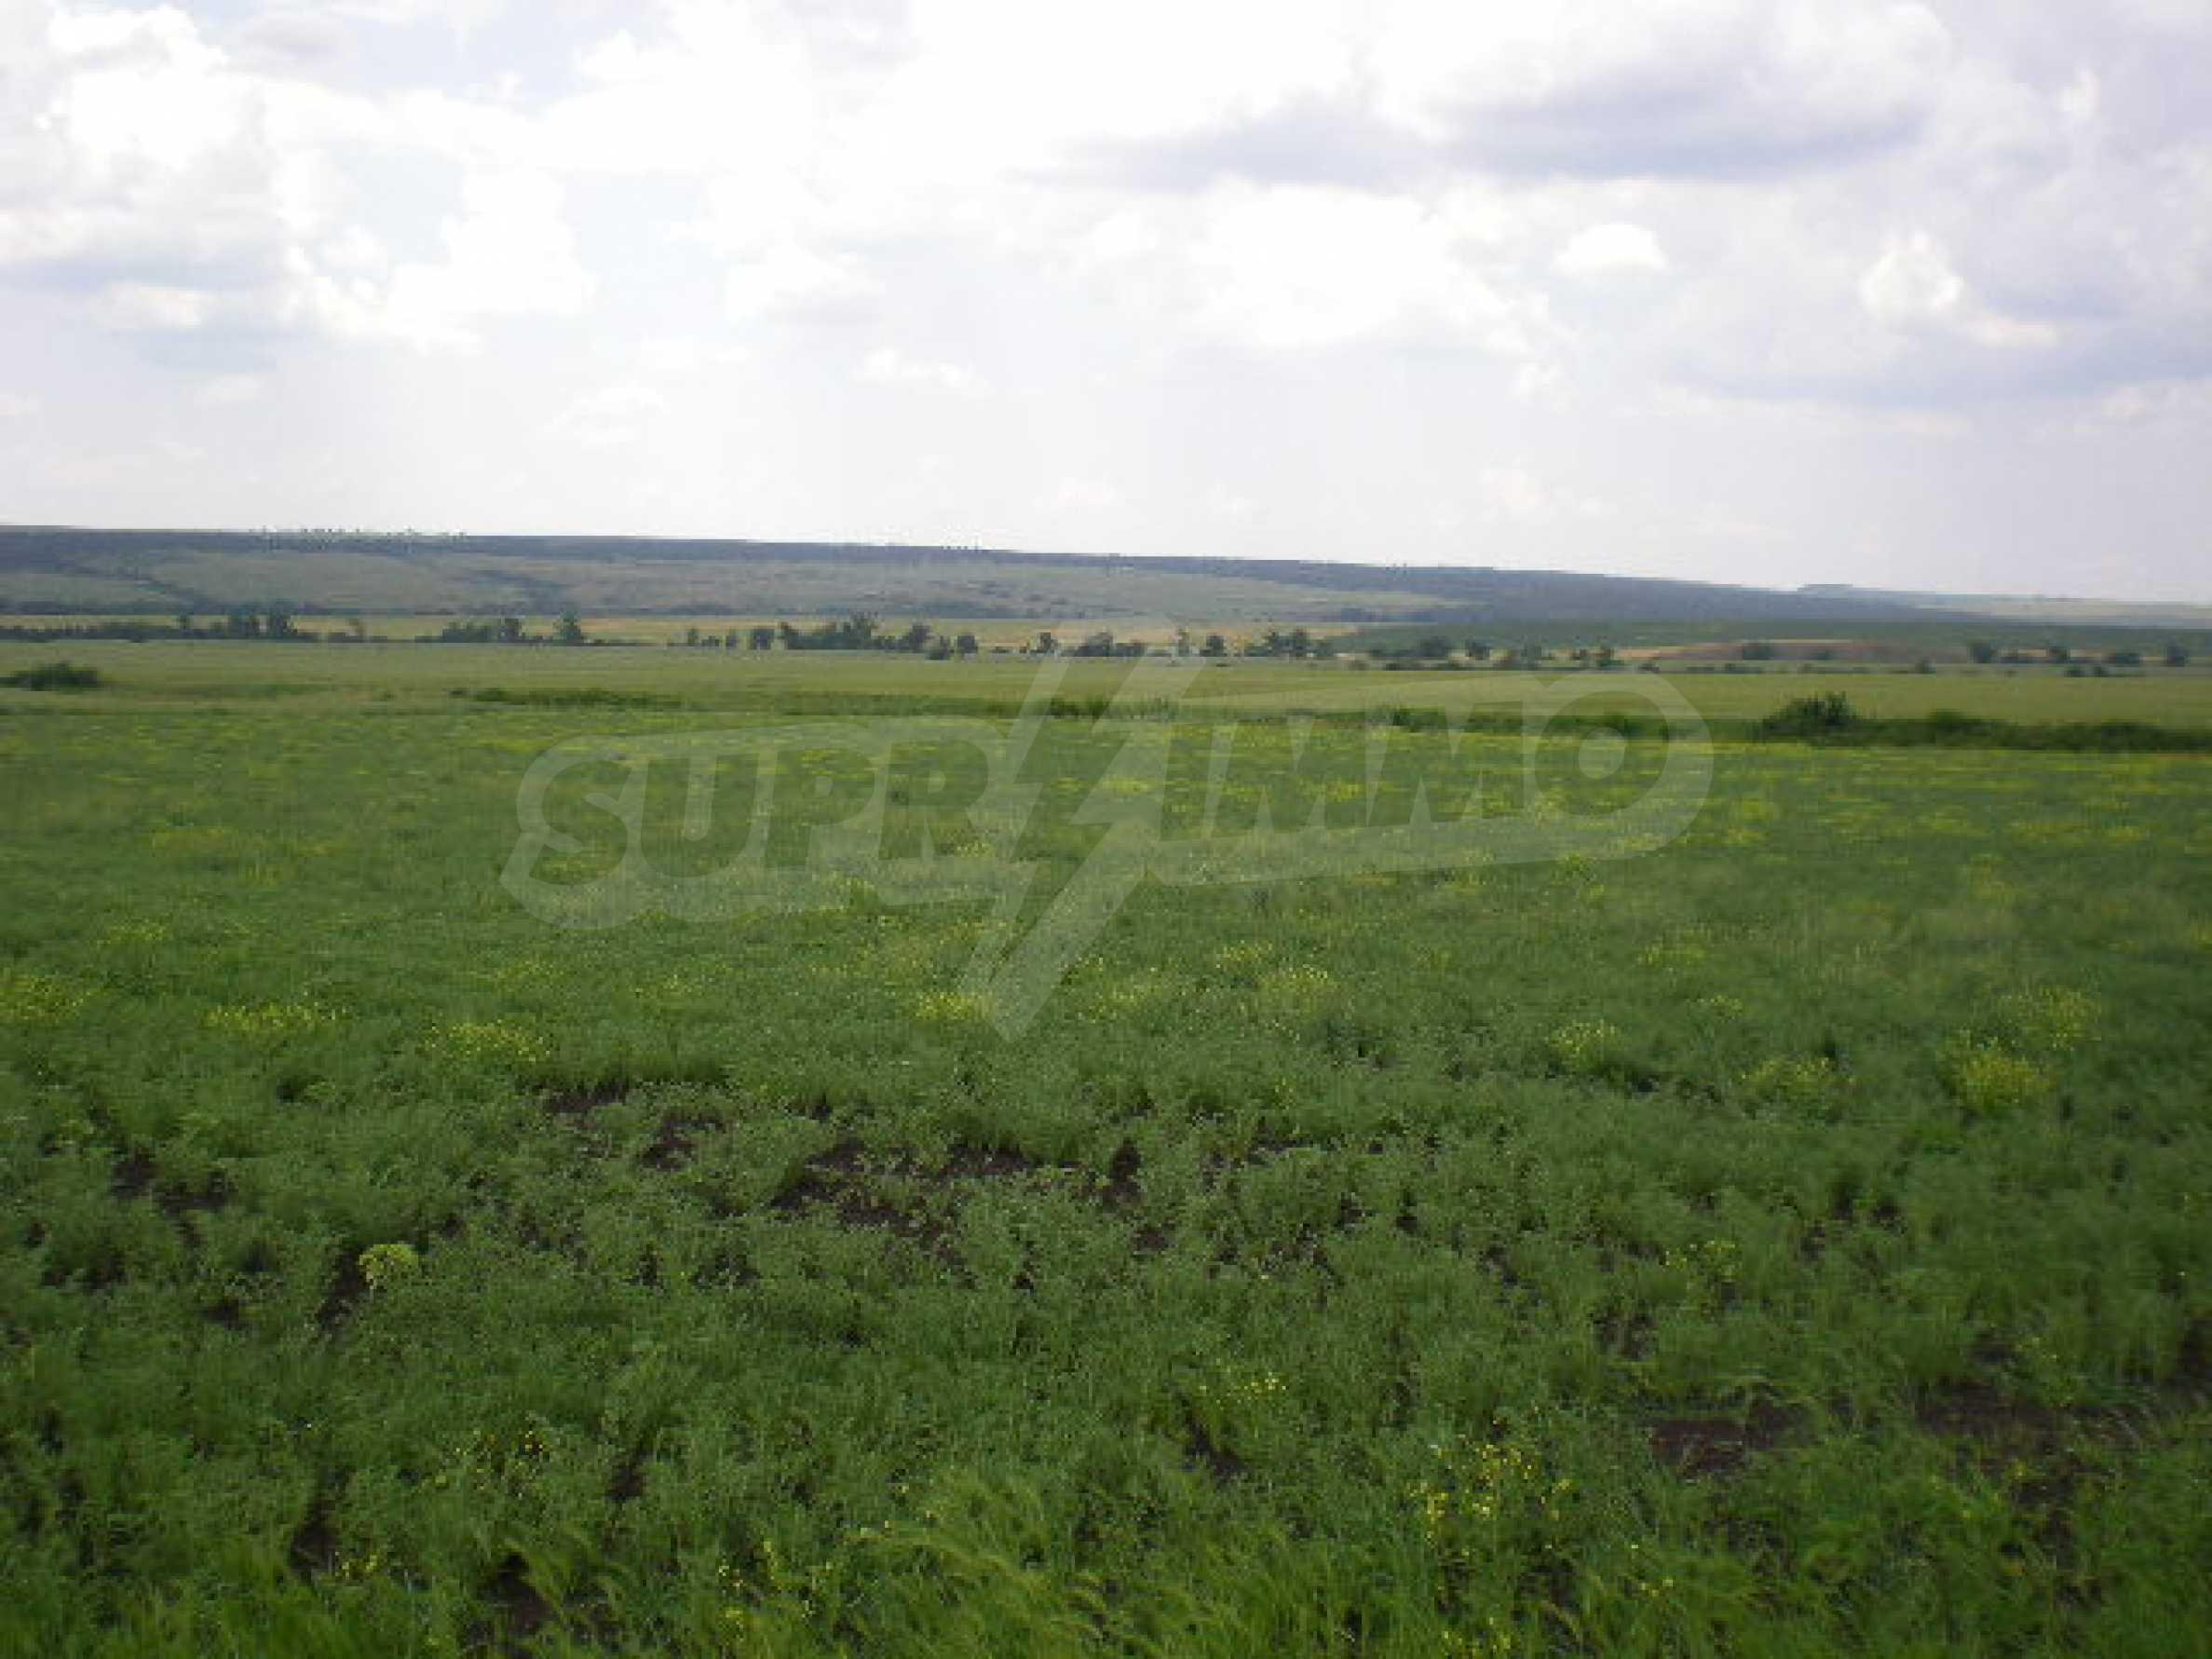 Огромный участок сельскохозяйственной земли недалеко от магистрали 1